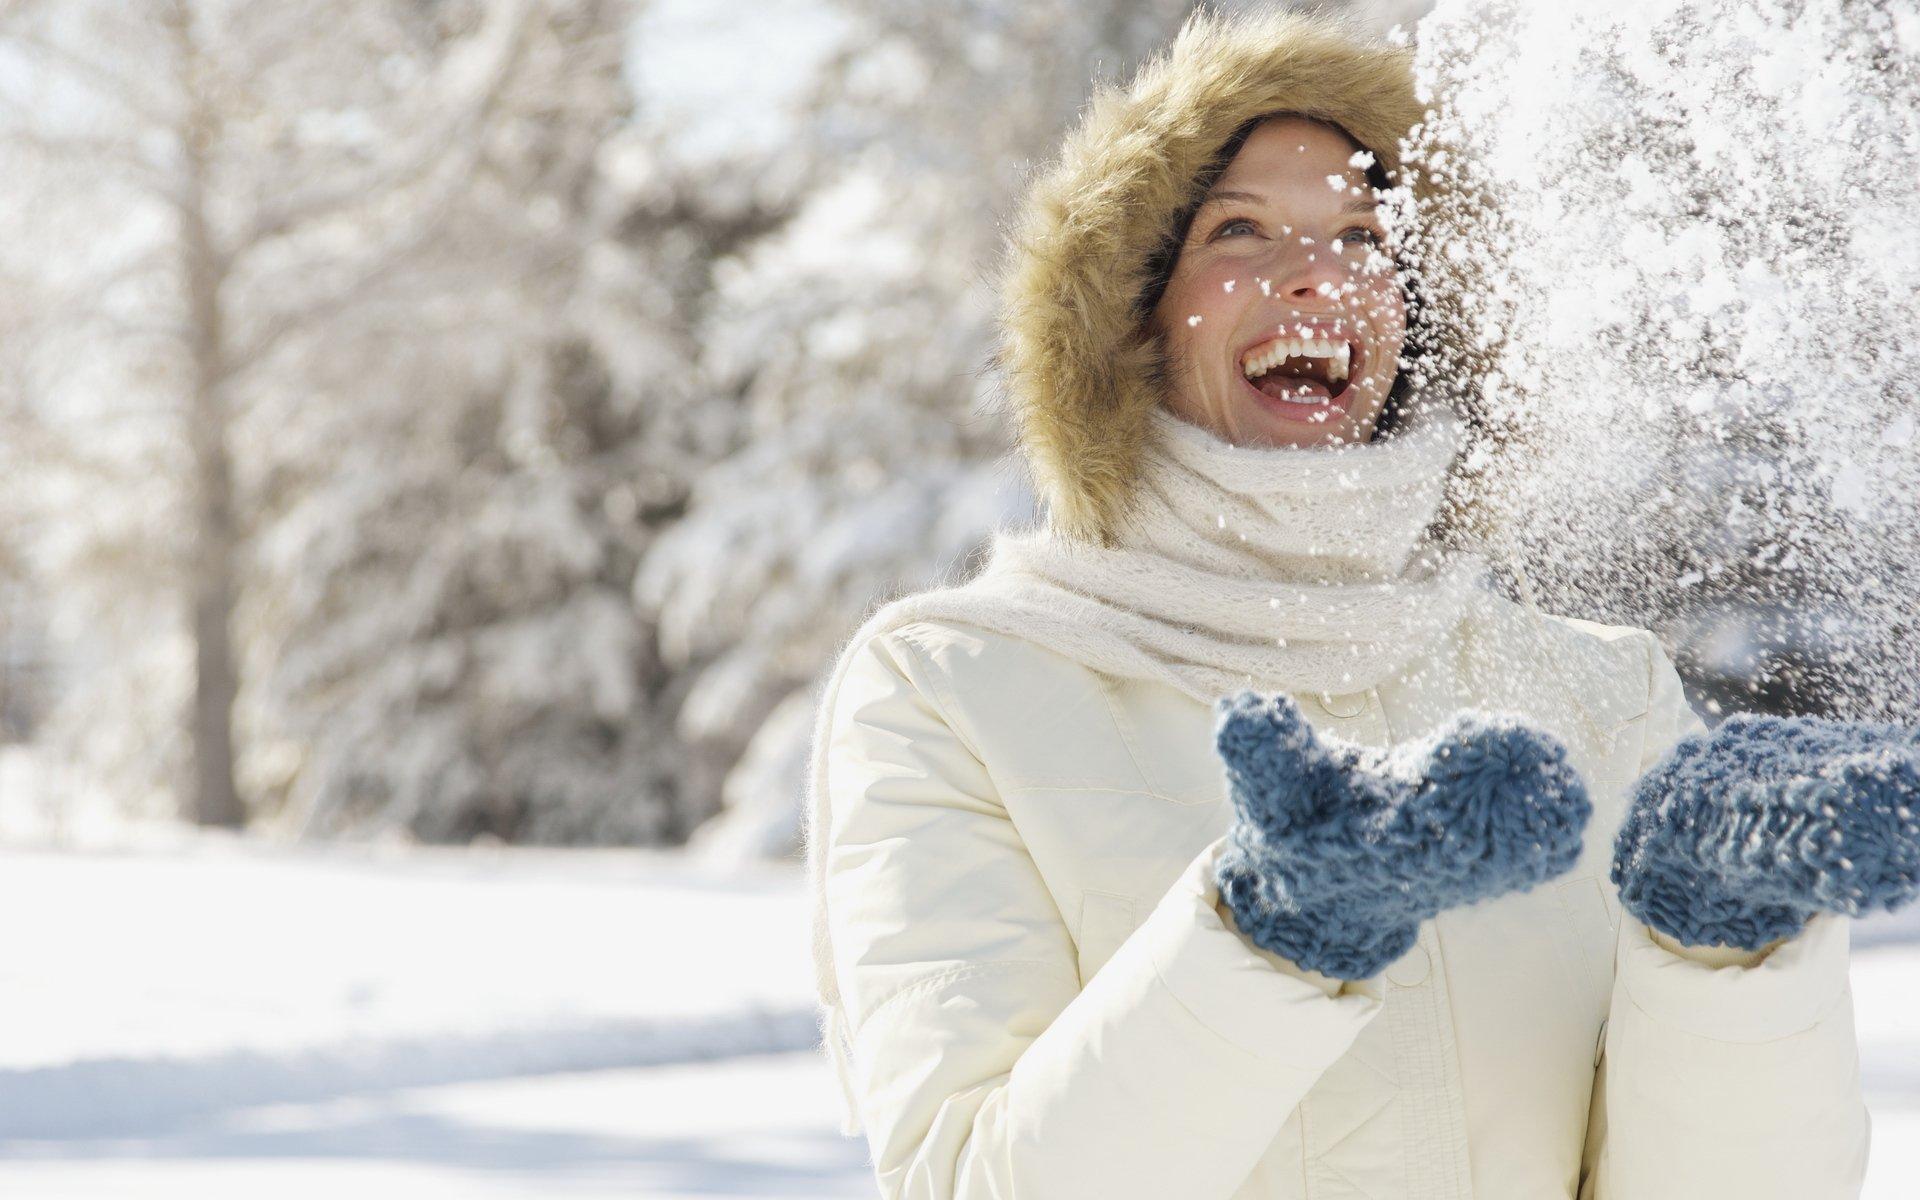 уверены, что картинки счастье снег мыловарение